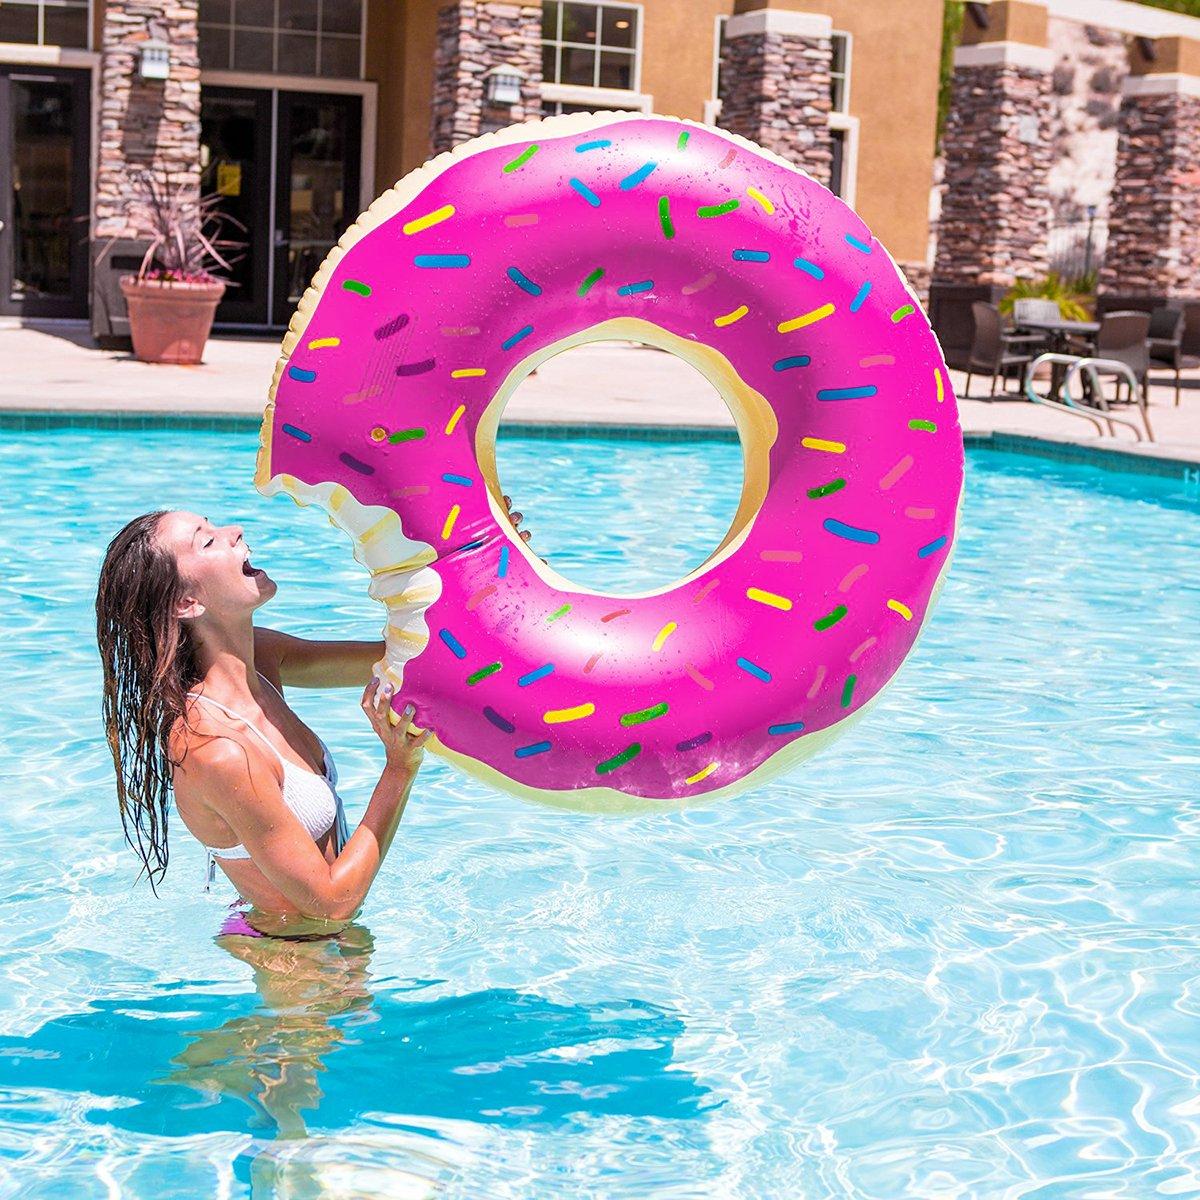 Beito Gigantic Donut Flotador de Piscina, Divertido Inflable Vinilo Verano Piscina o Playa Juguete: Amazon.es: Deportes y aire libre